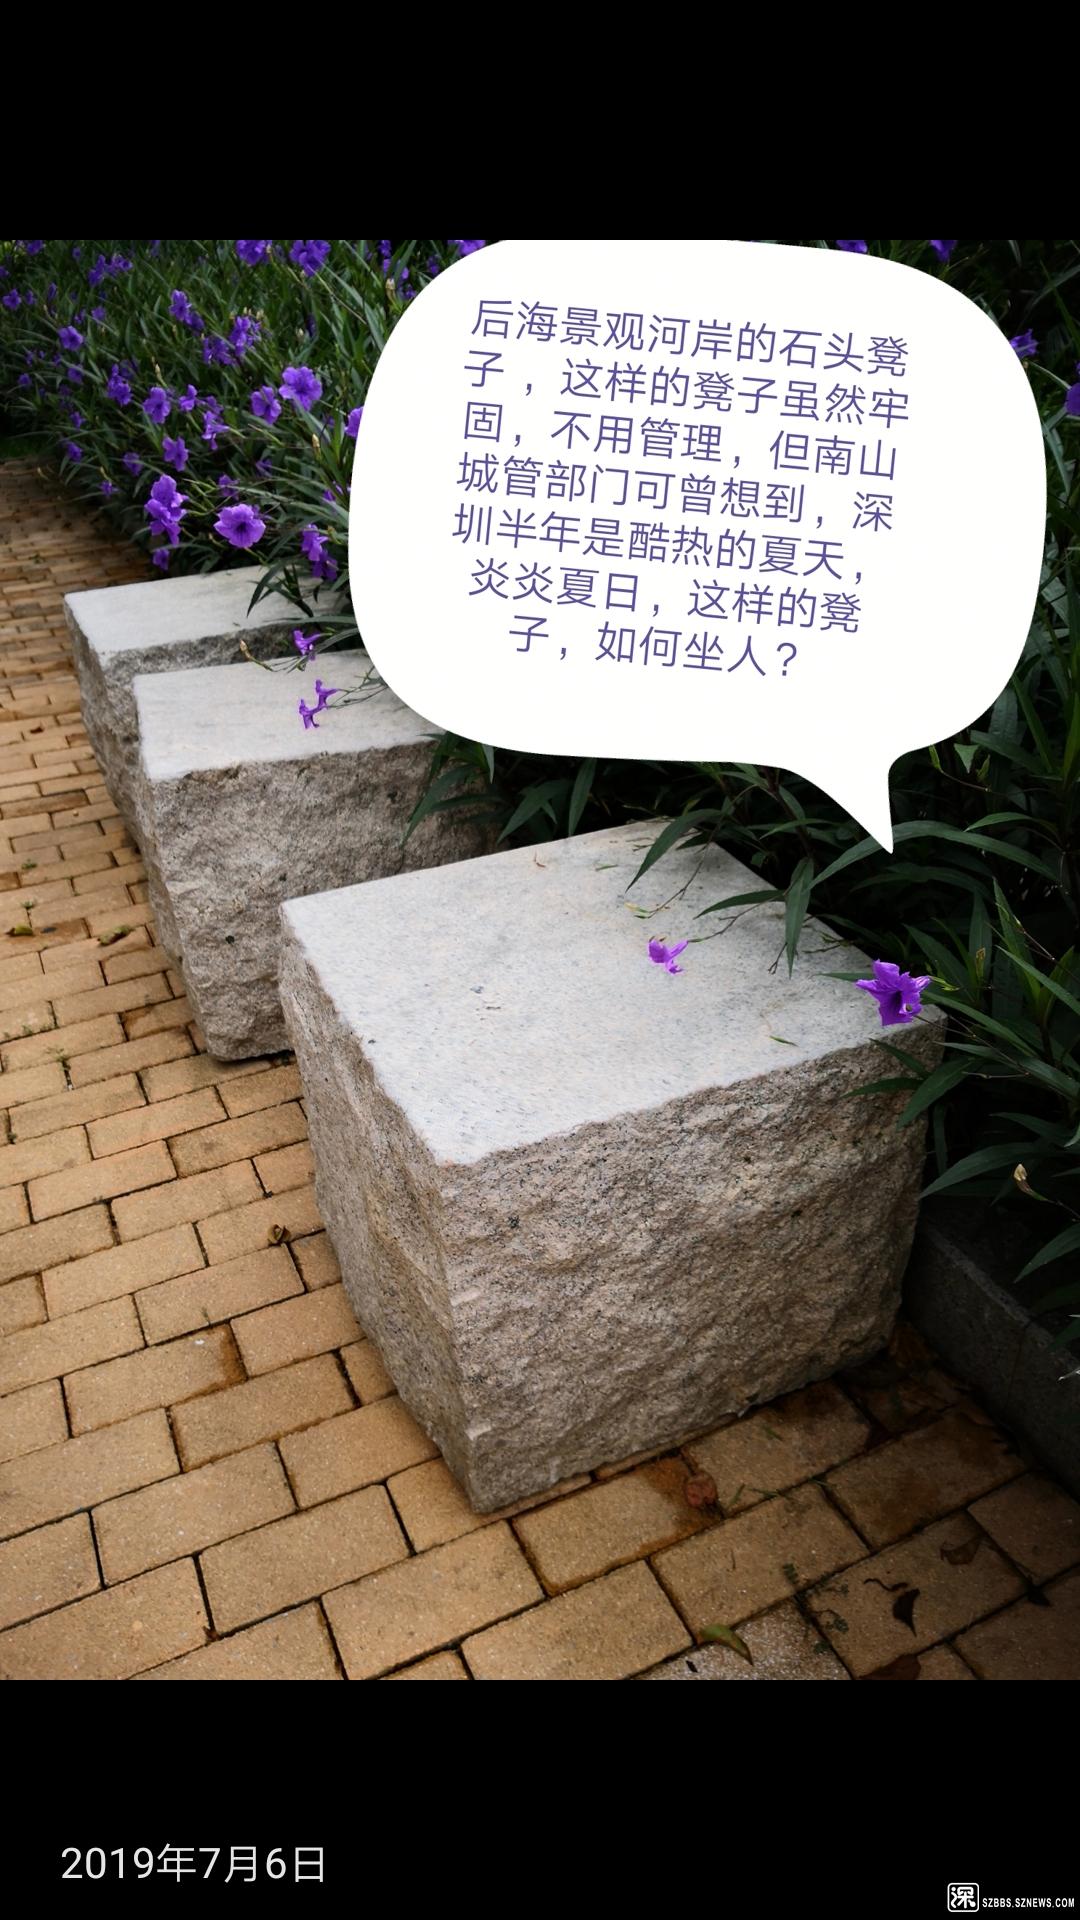 石头凳子,夏天酷热,冬天冰凉,春天积水。。。如何坐人?